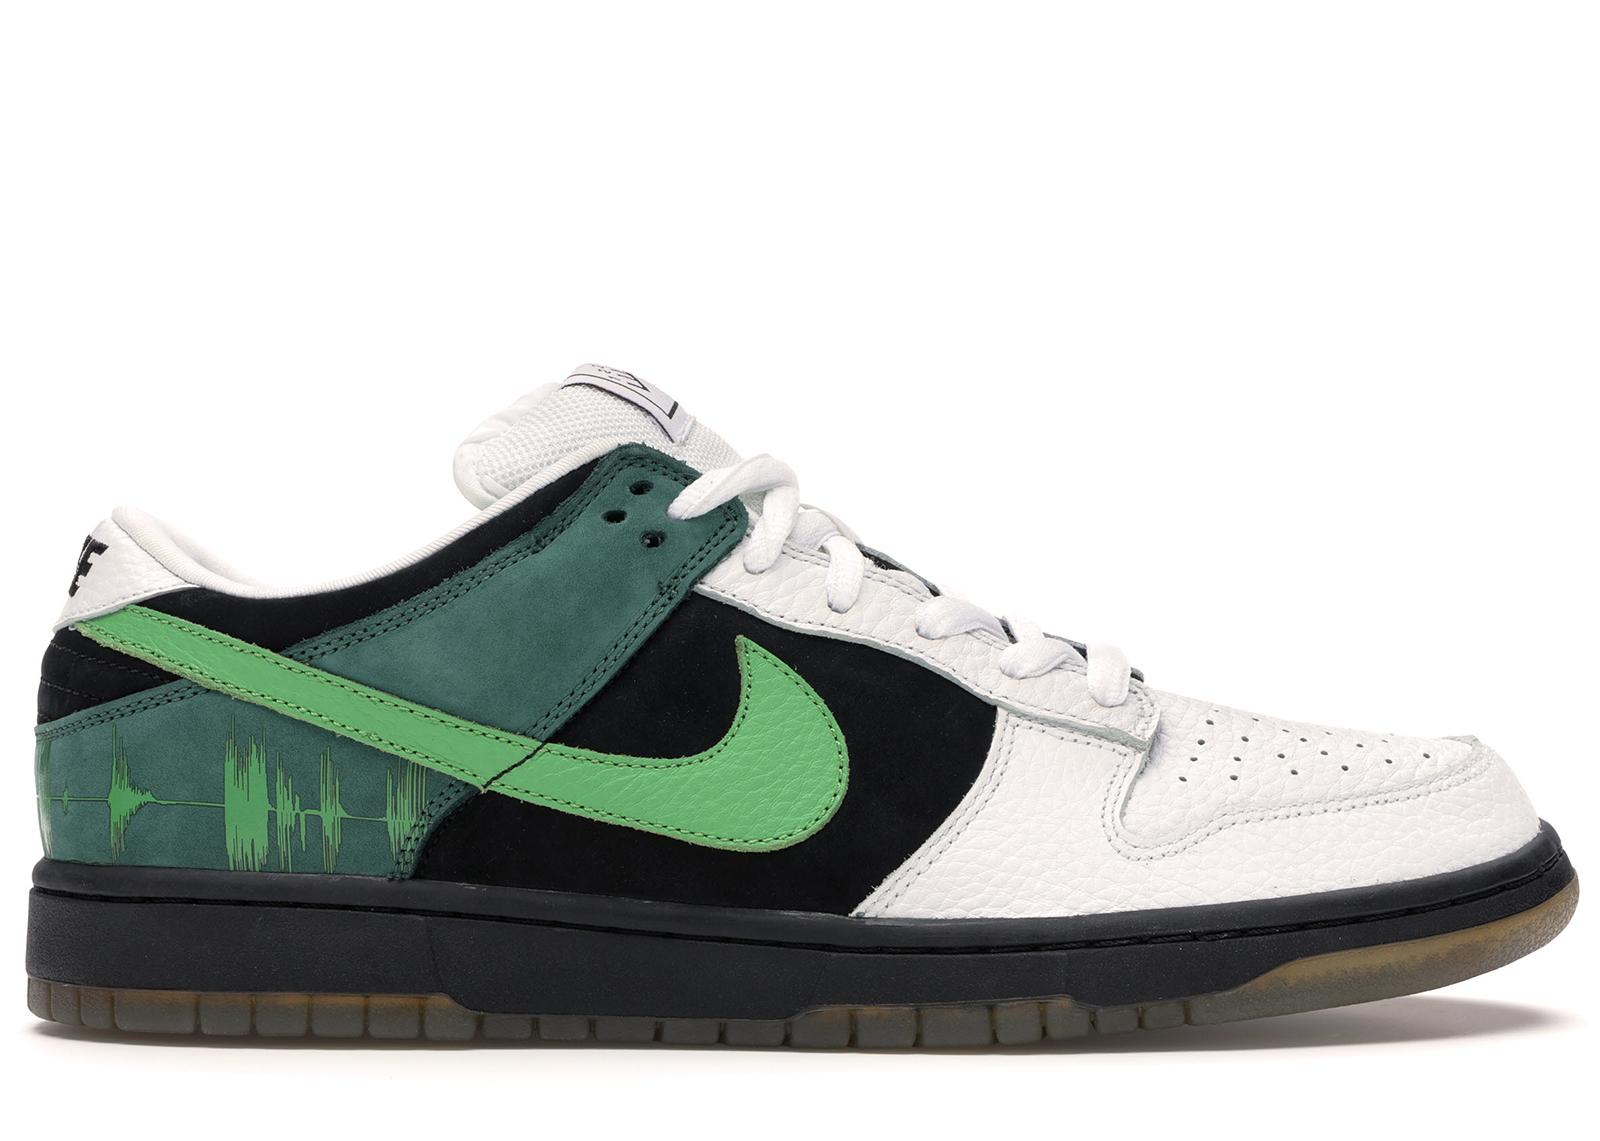 Nike SB Dunk Low C\u0026K - 313170-031